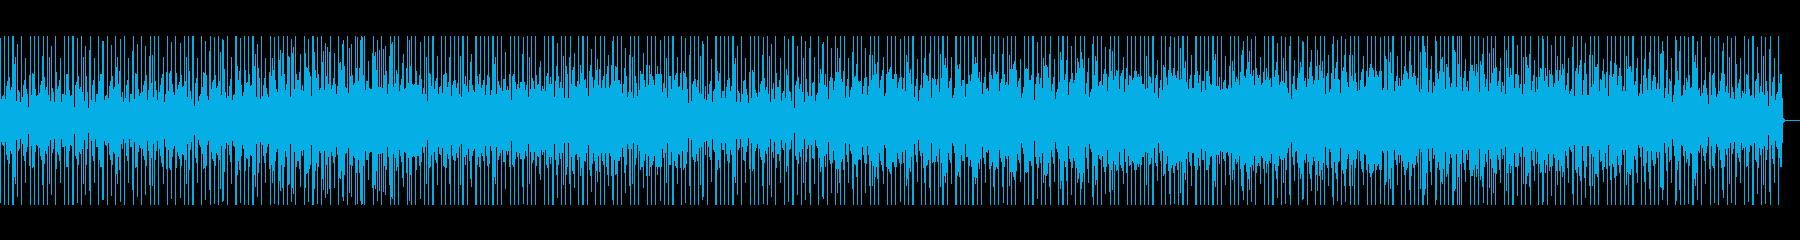 80年代風Lo-Fi曲の再生済みの波形